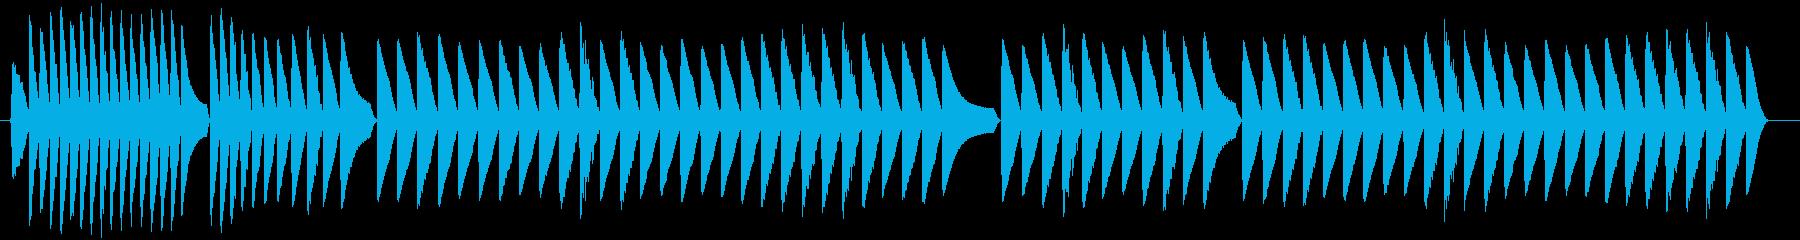 トーンラピッドシーケンスサンプルホールドの再生済みの波形